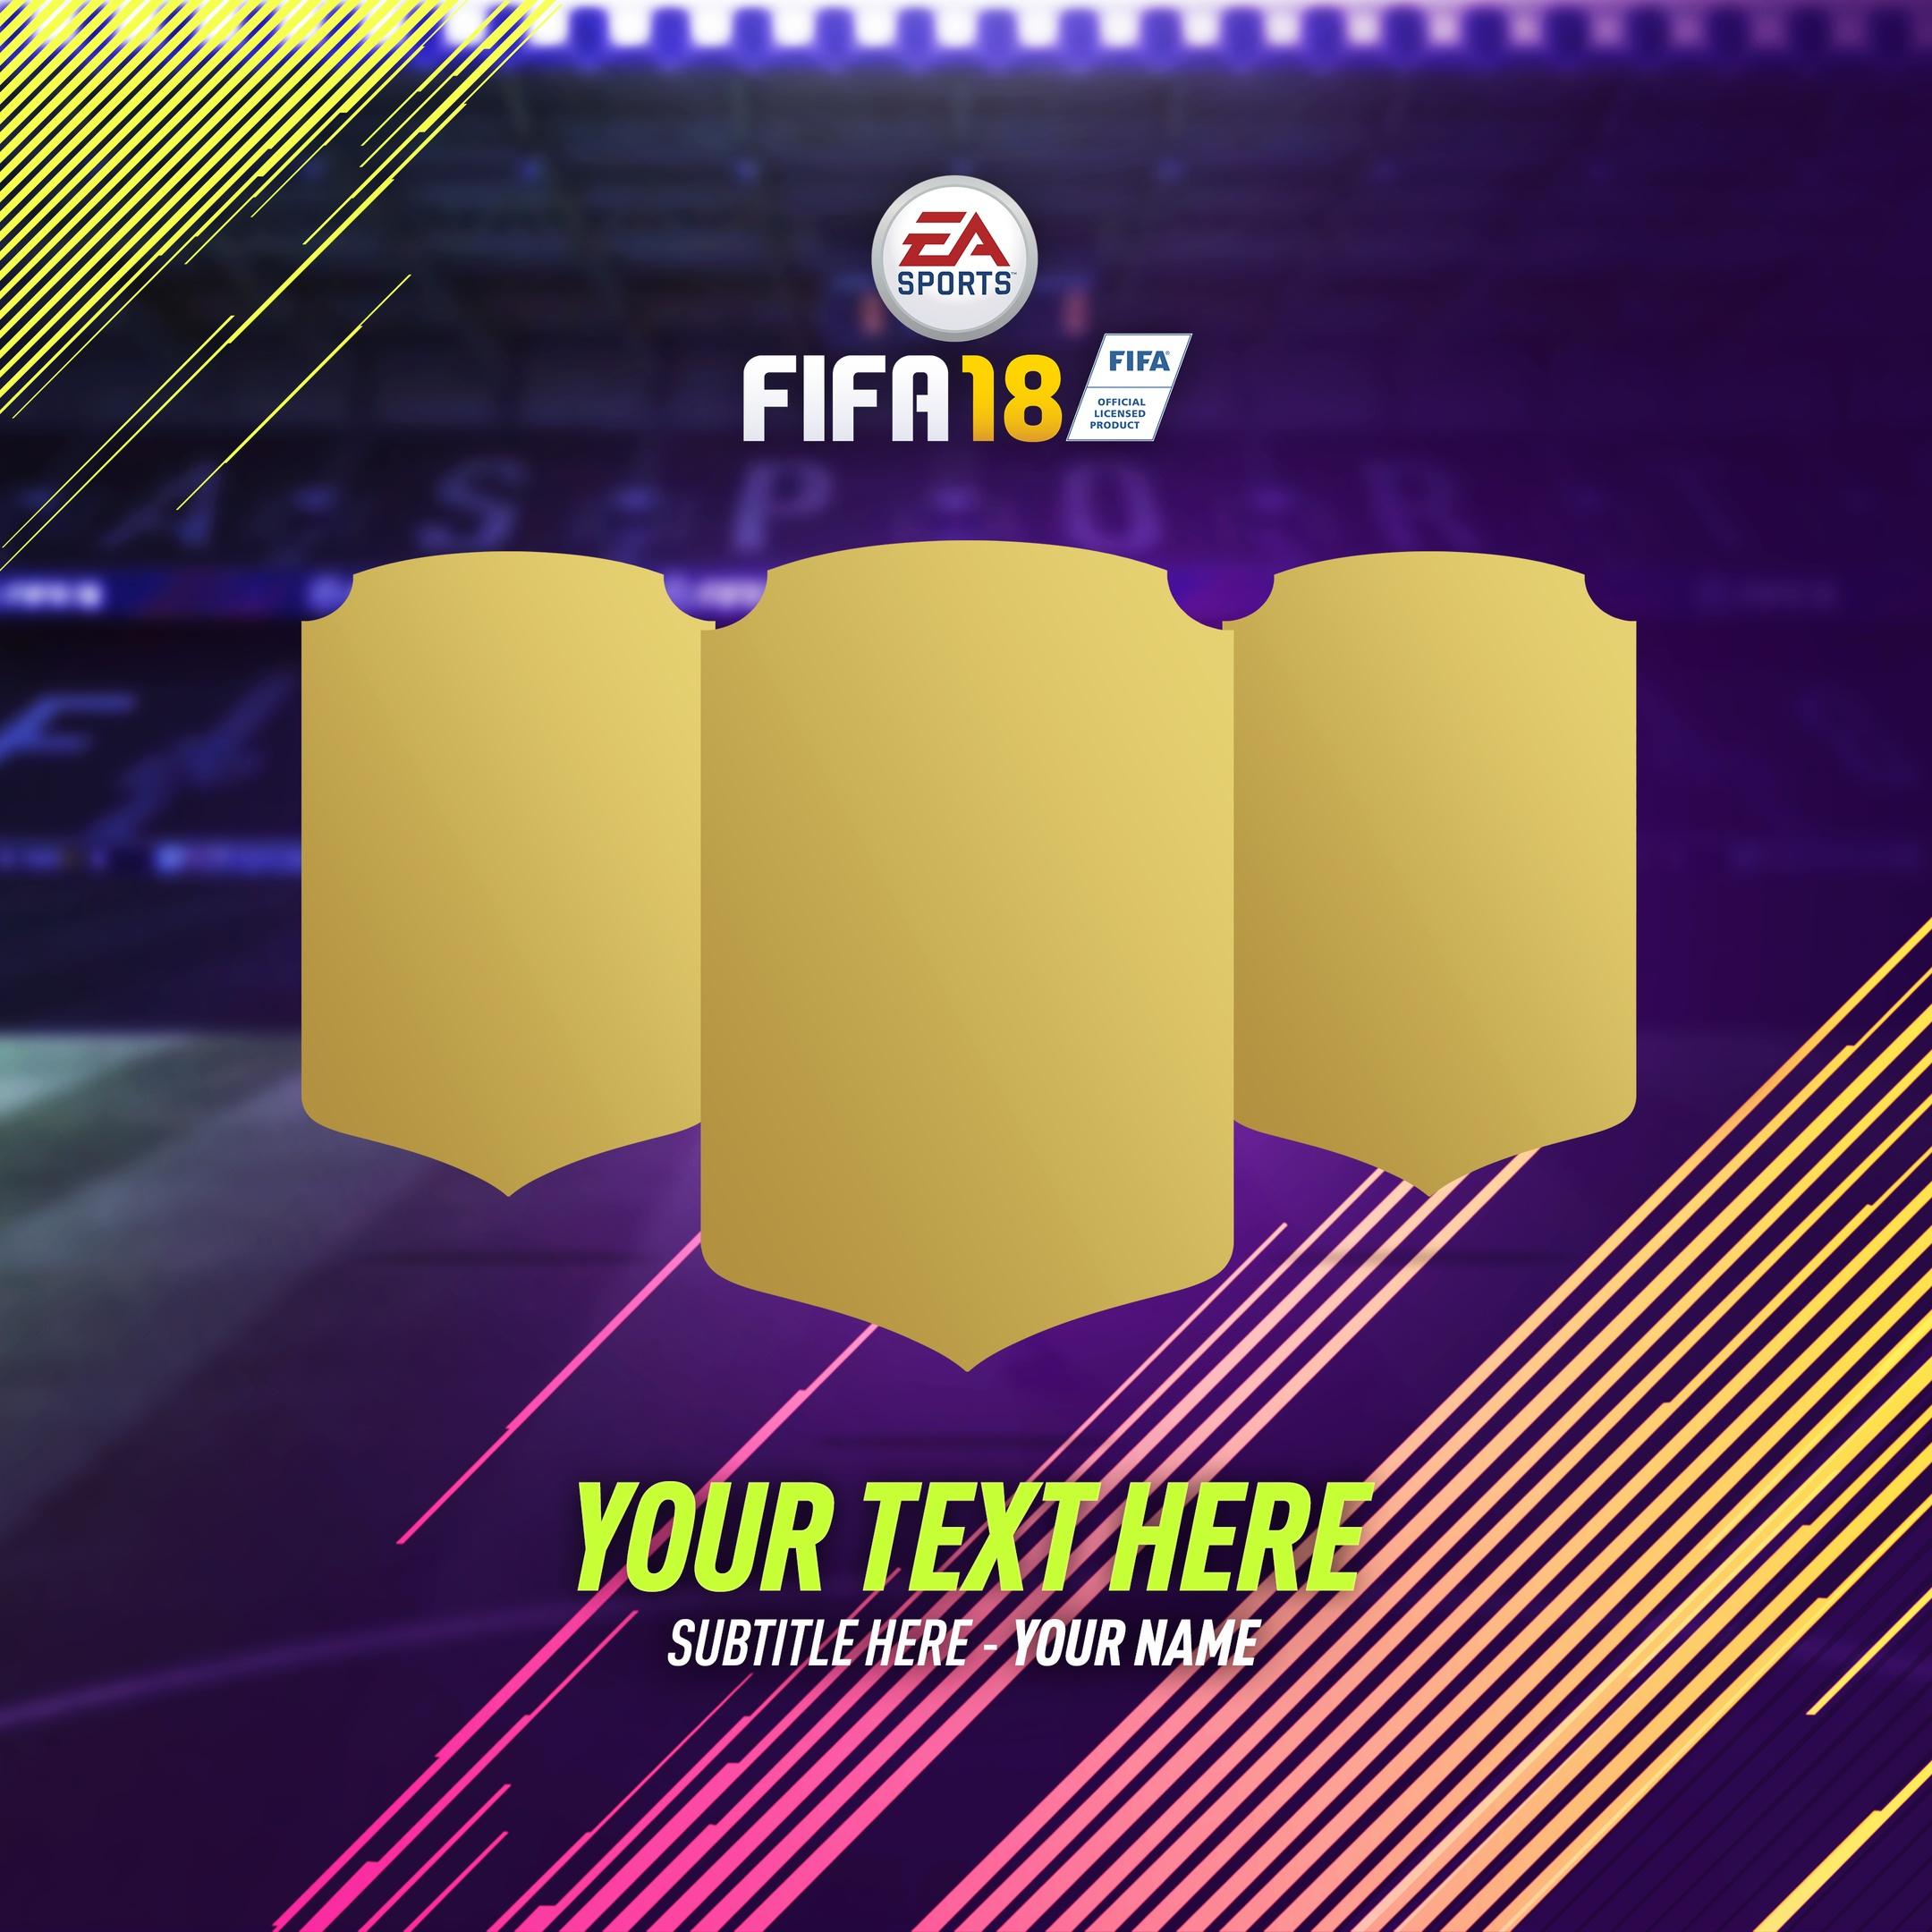 FIFA 18 BG PACK - @pfdesignss